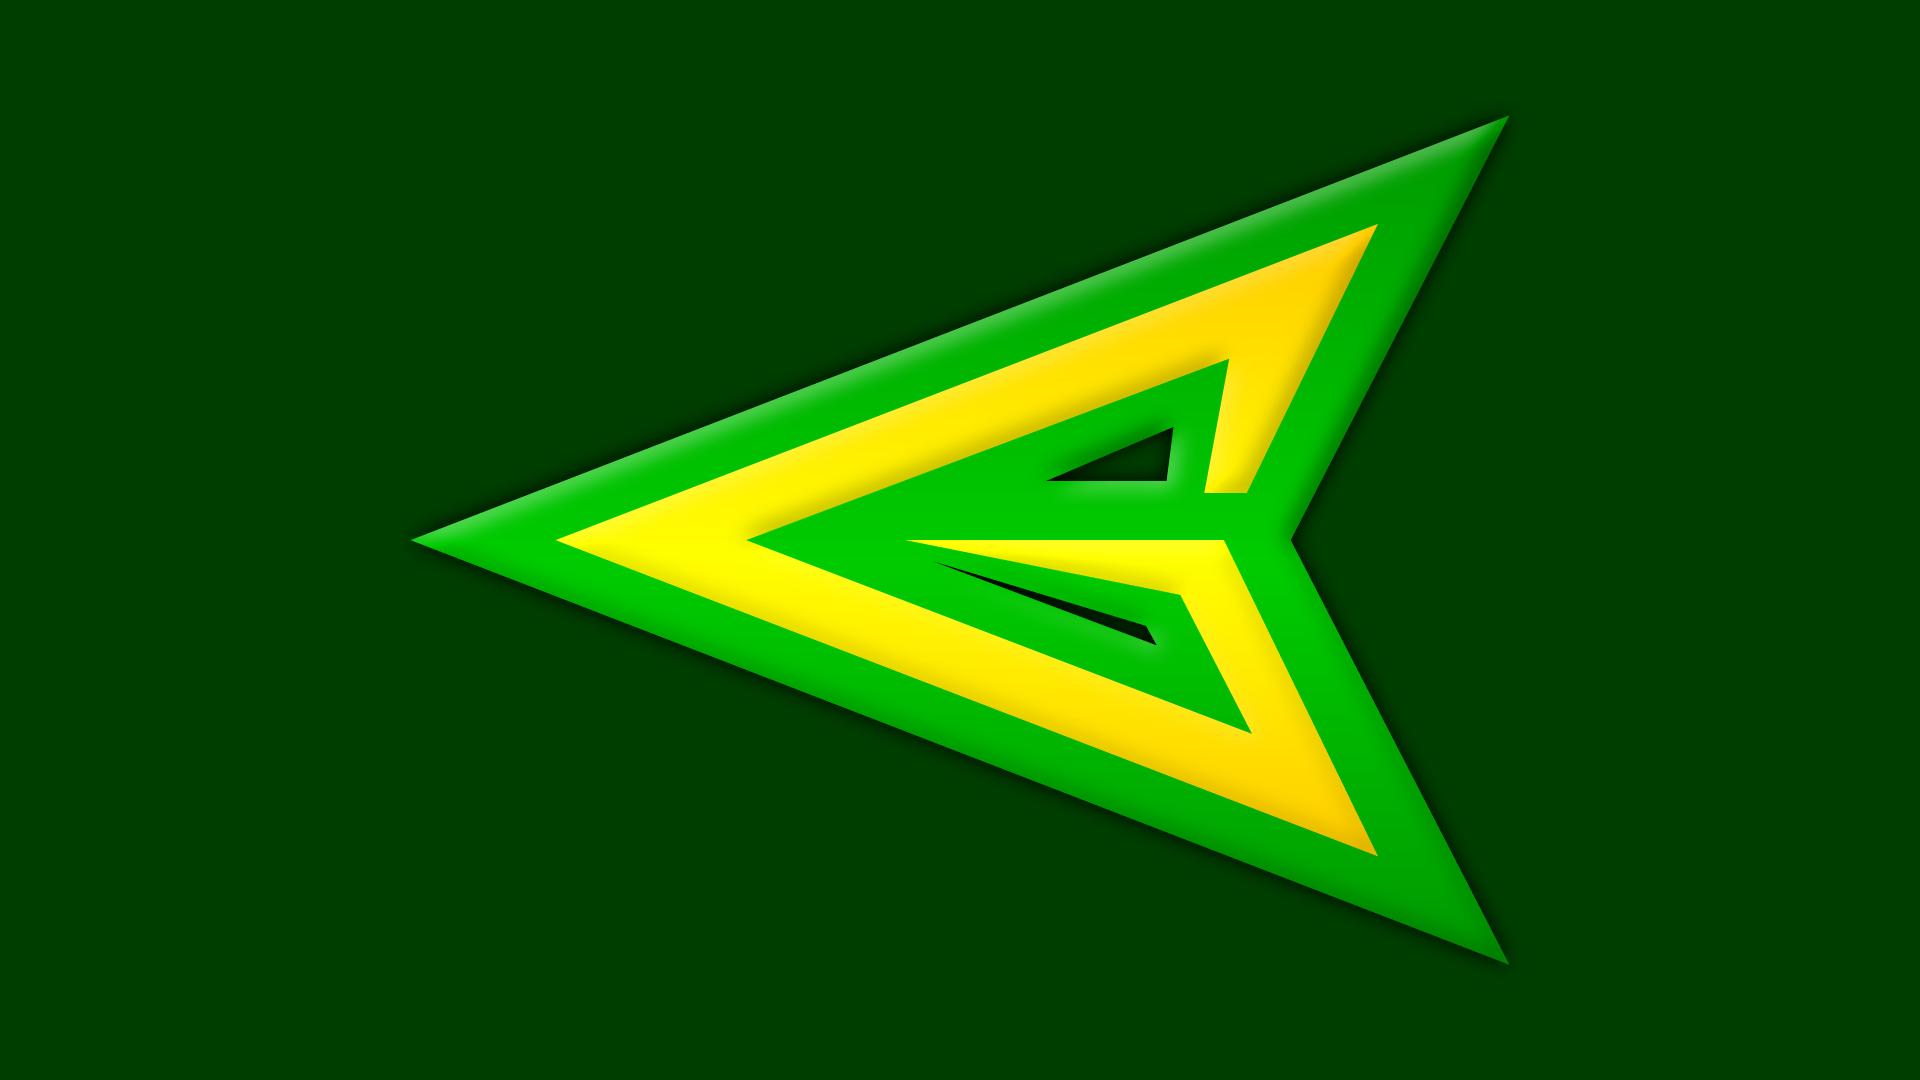 Green Arrow Symbol by Yurtigo on DeviantArt Green Arrow Superhero Logo